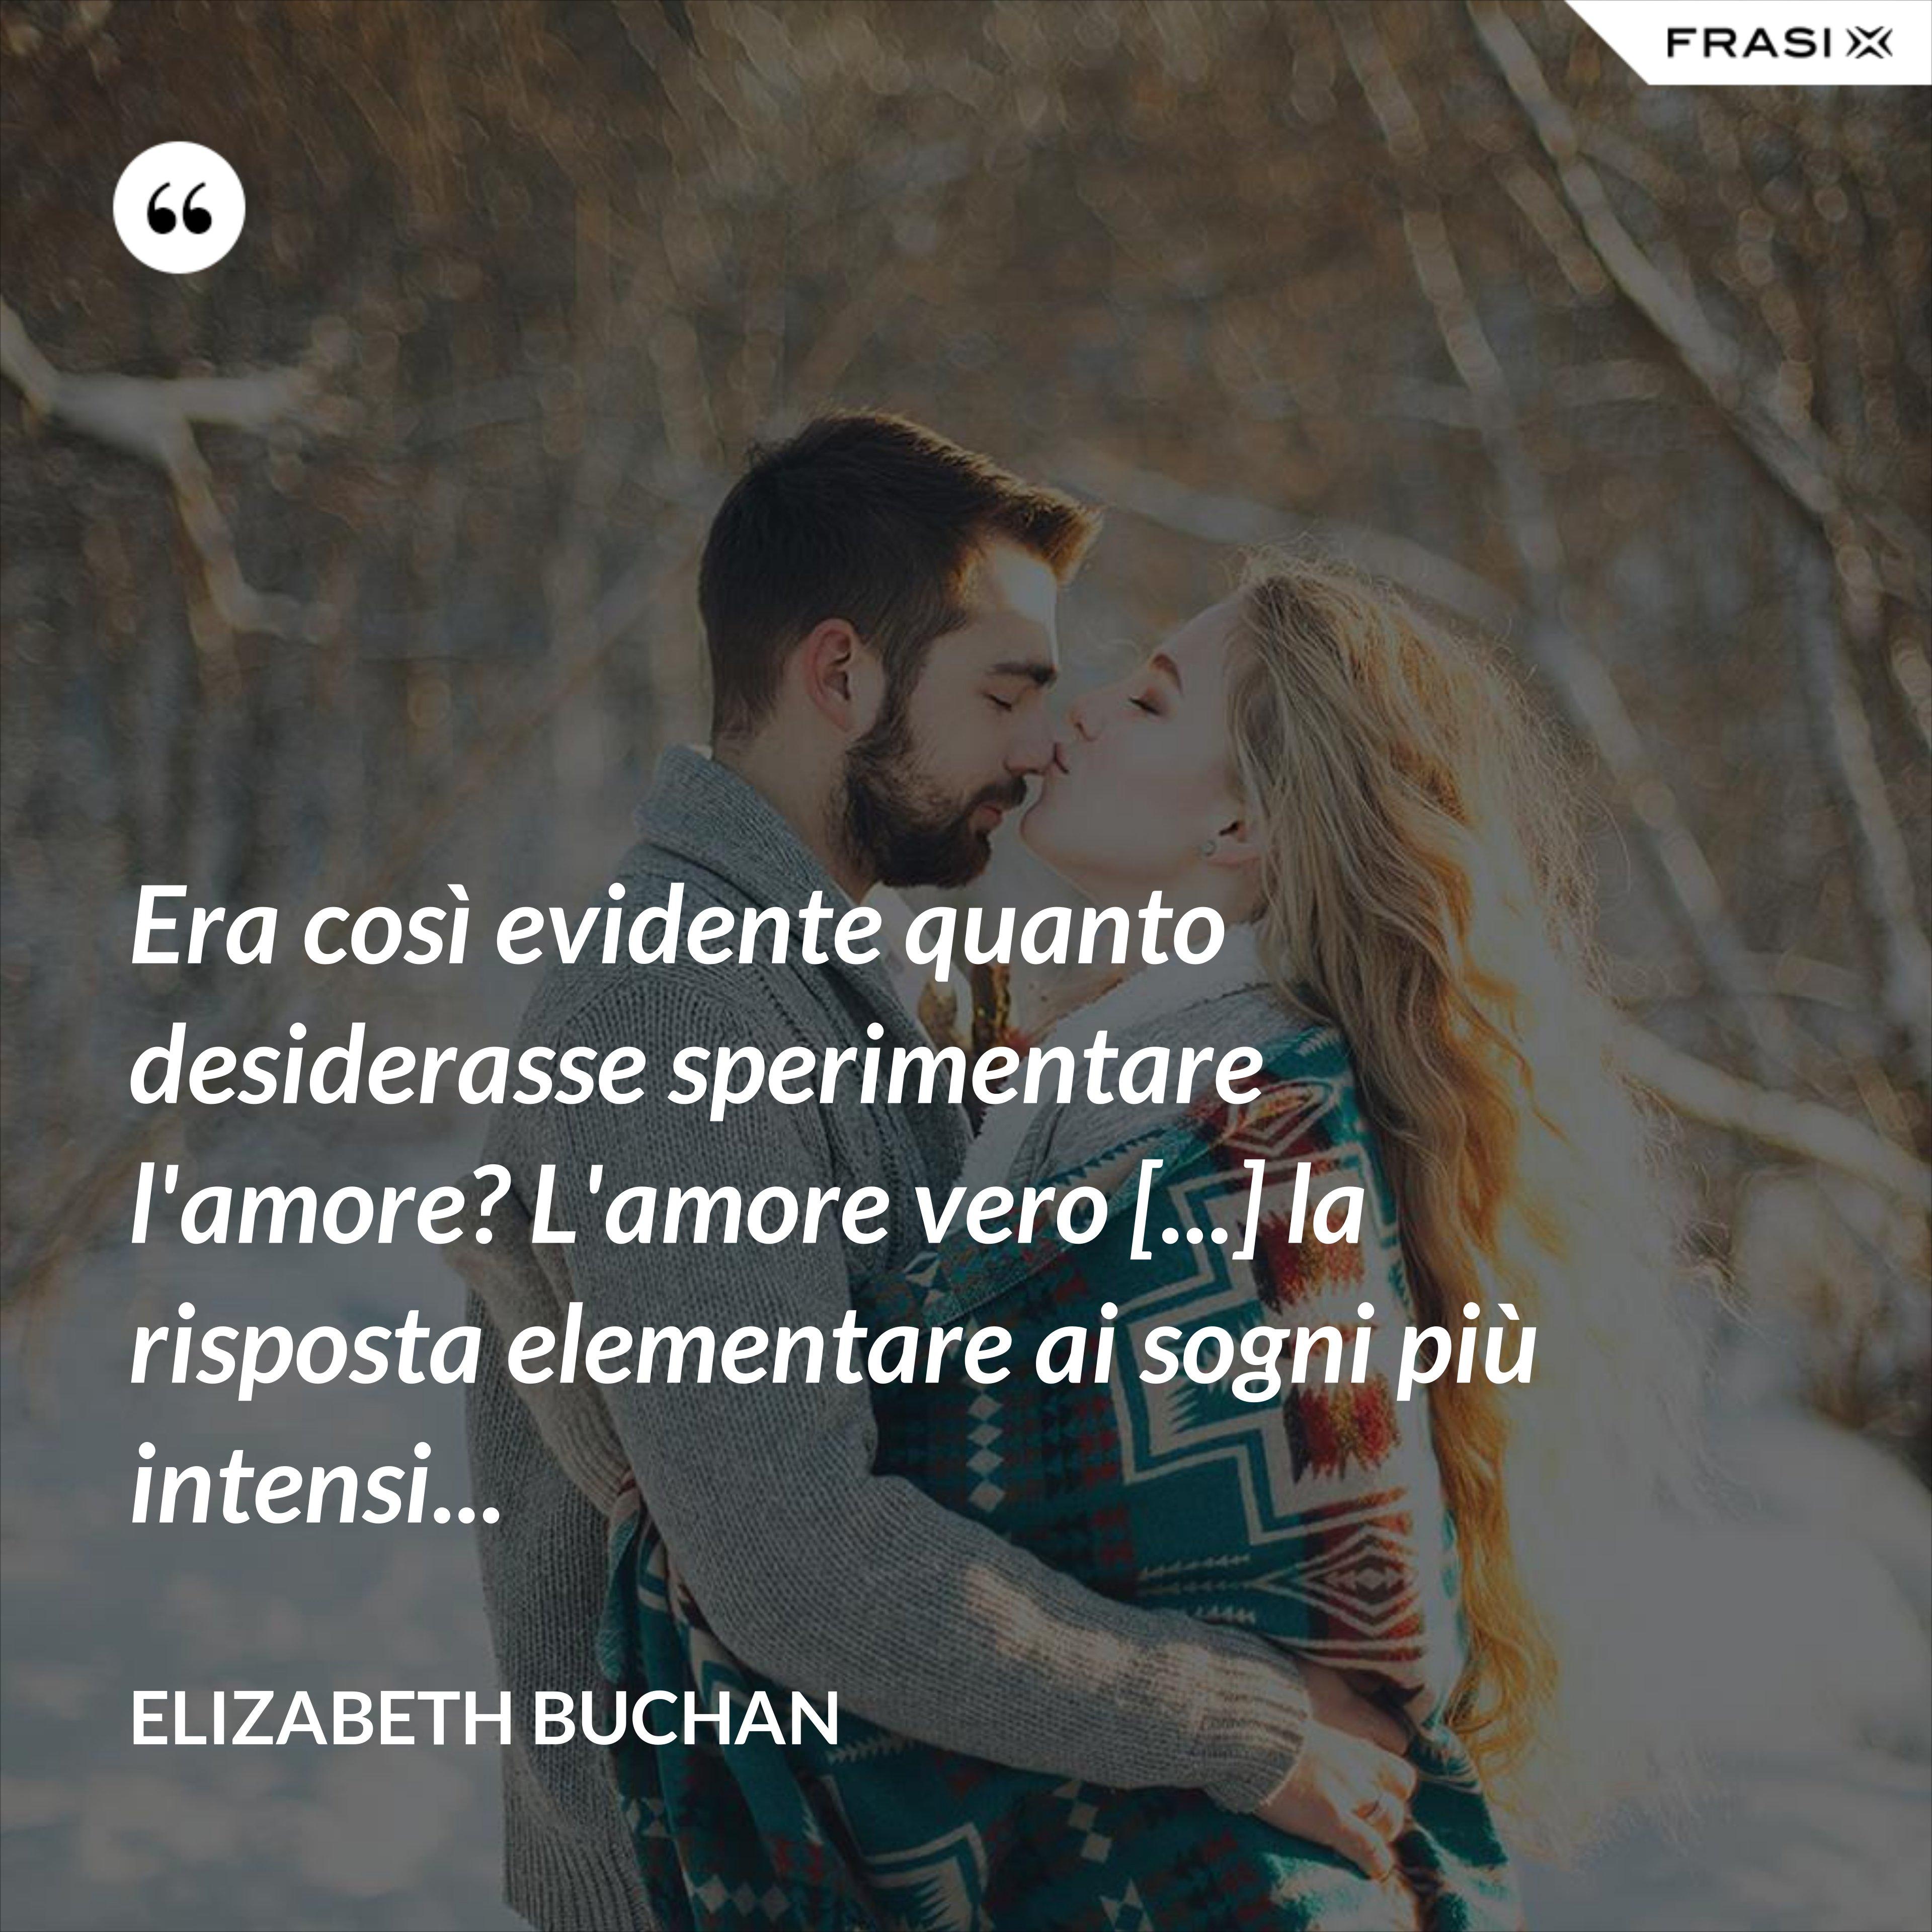 Era così evidente quanto desiderasse sperimentare l'amore? L'amore vero [...] la risposta elementare ai sogni più intensi... - Elizabeth Buchan